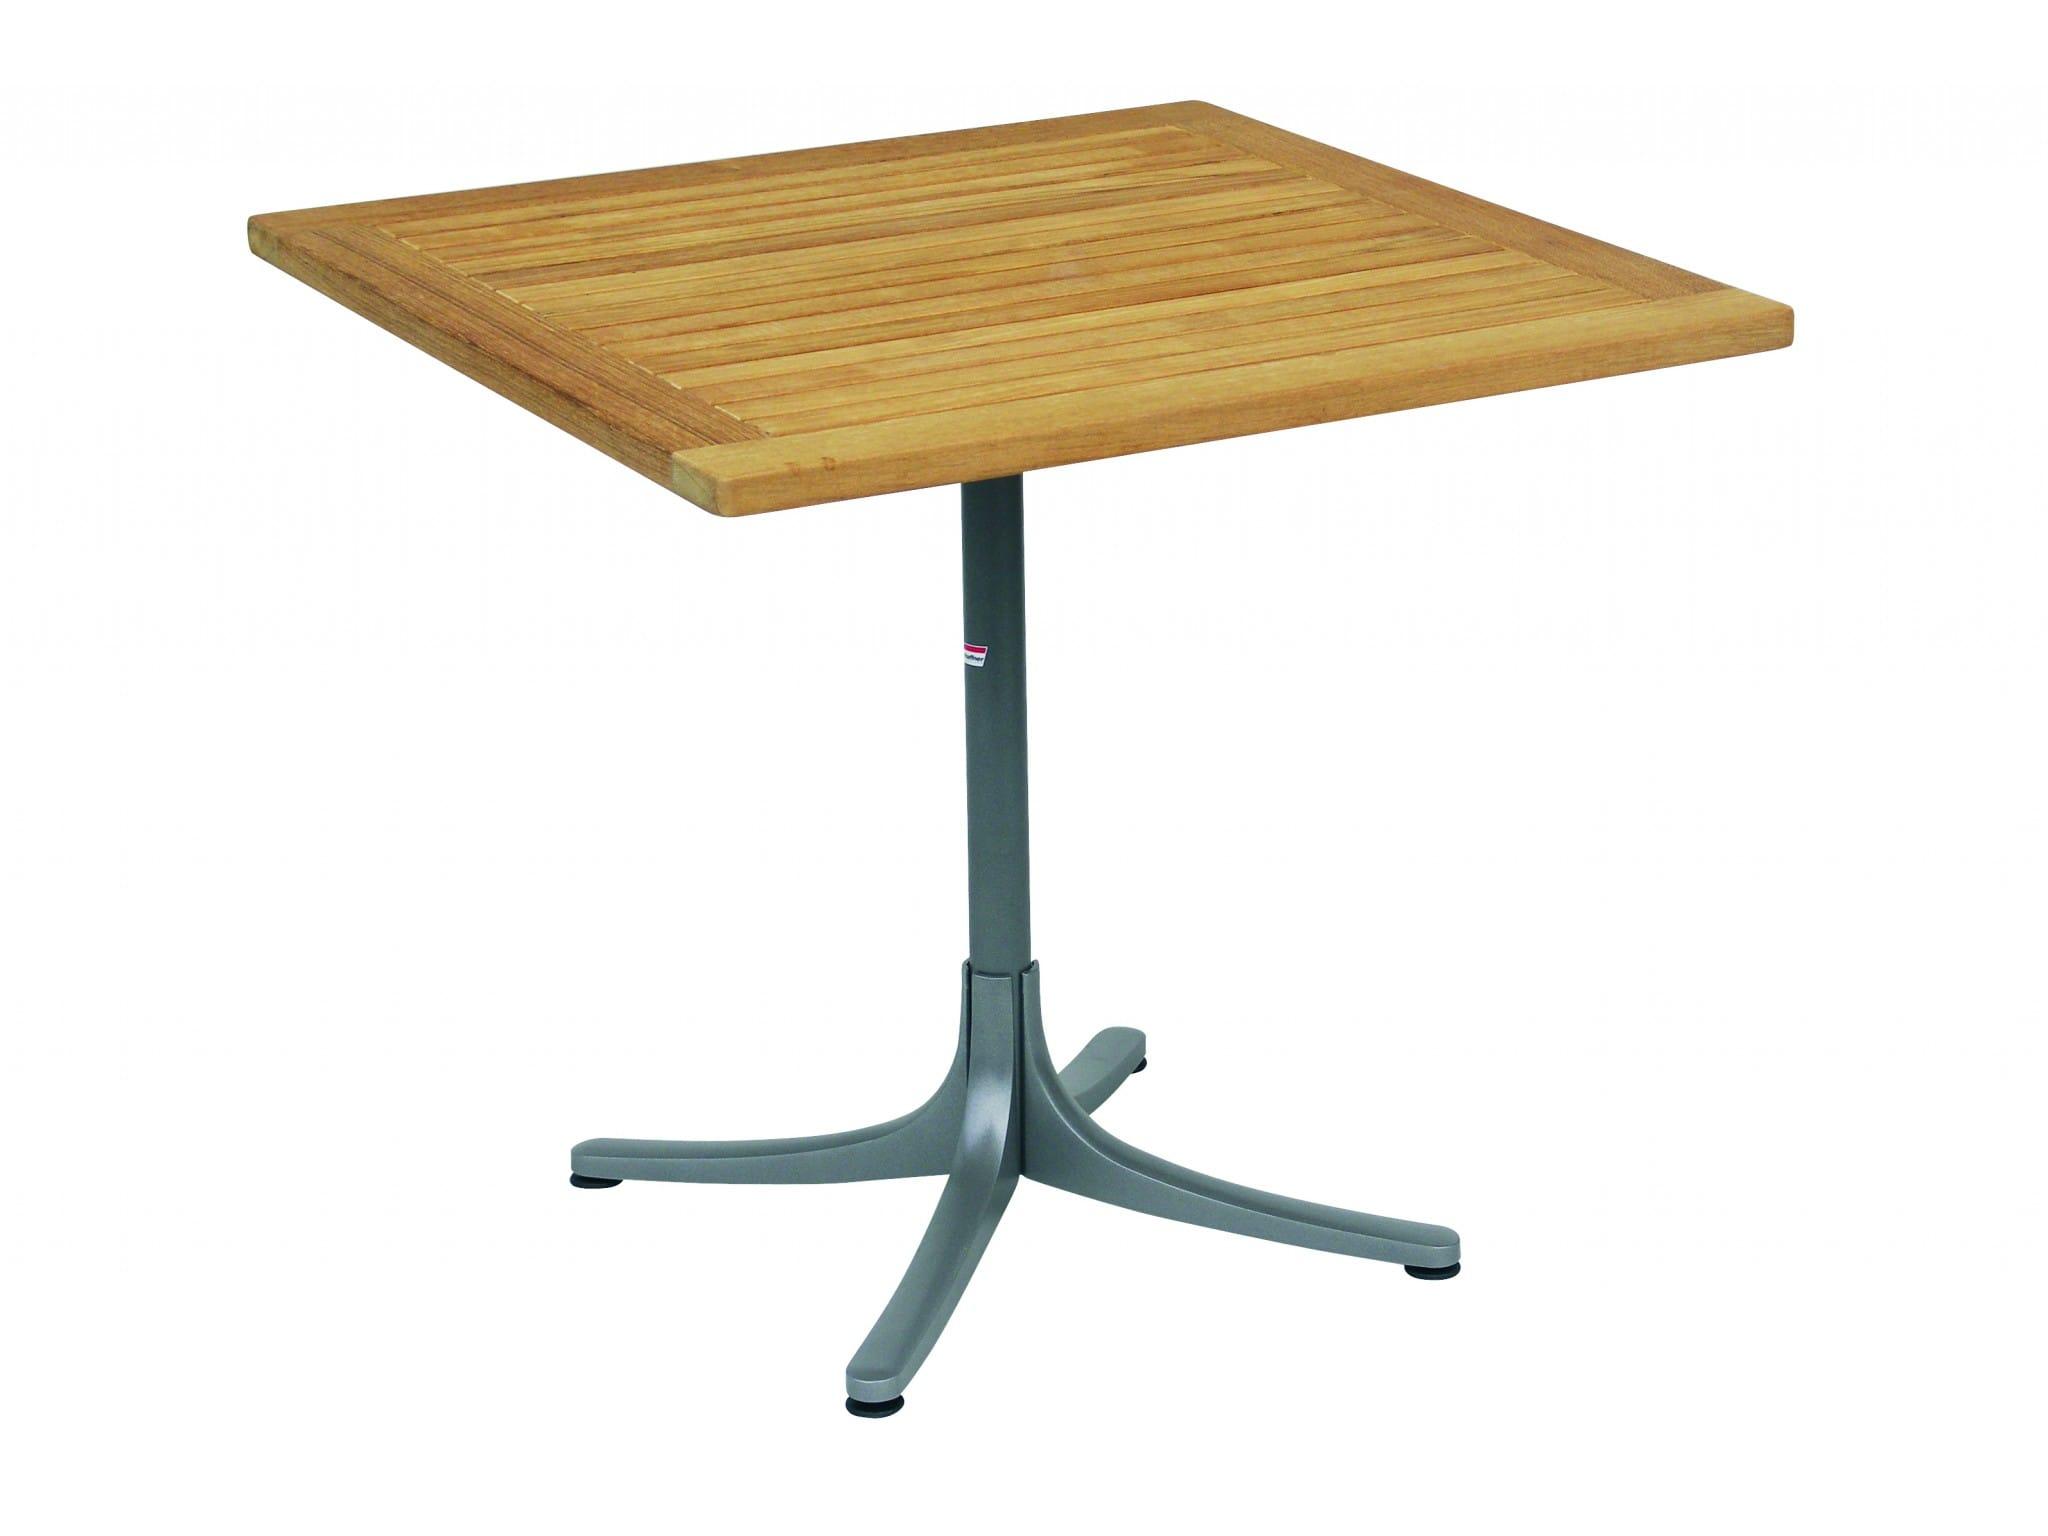 Gartenmobel Set Stern : carma Aluminium Palm Beach Tisch quadratisch graphit  Teakholz  Bumb